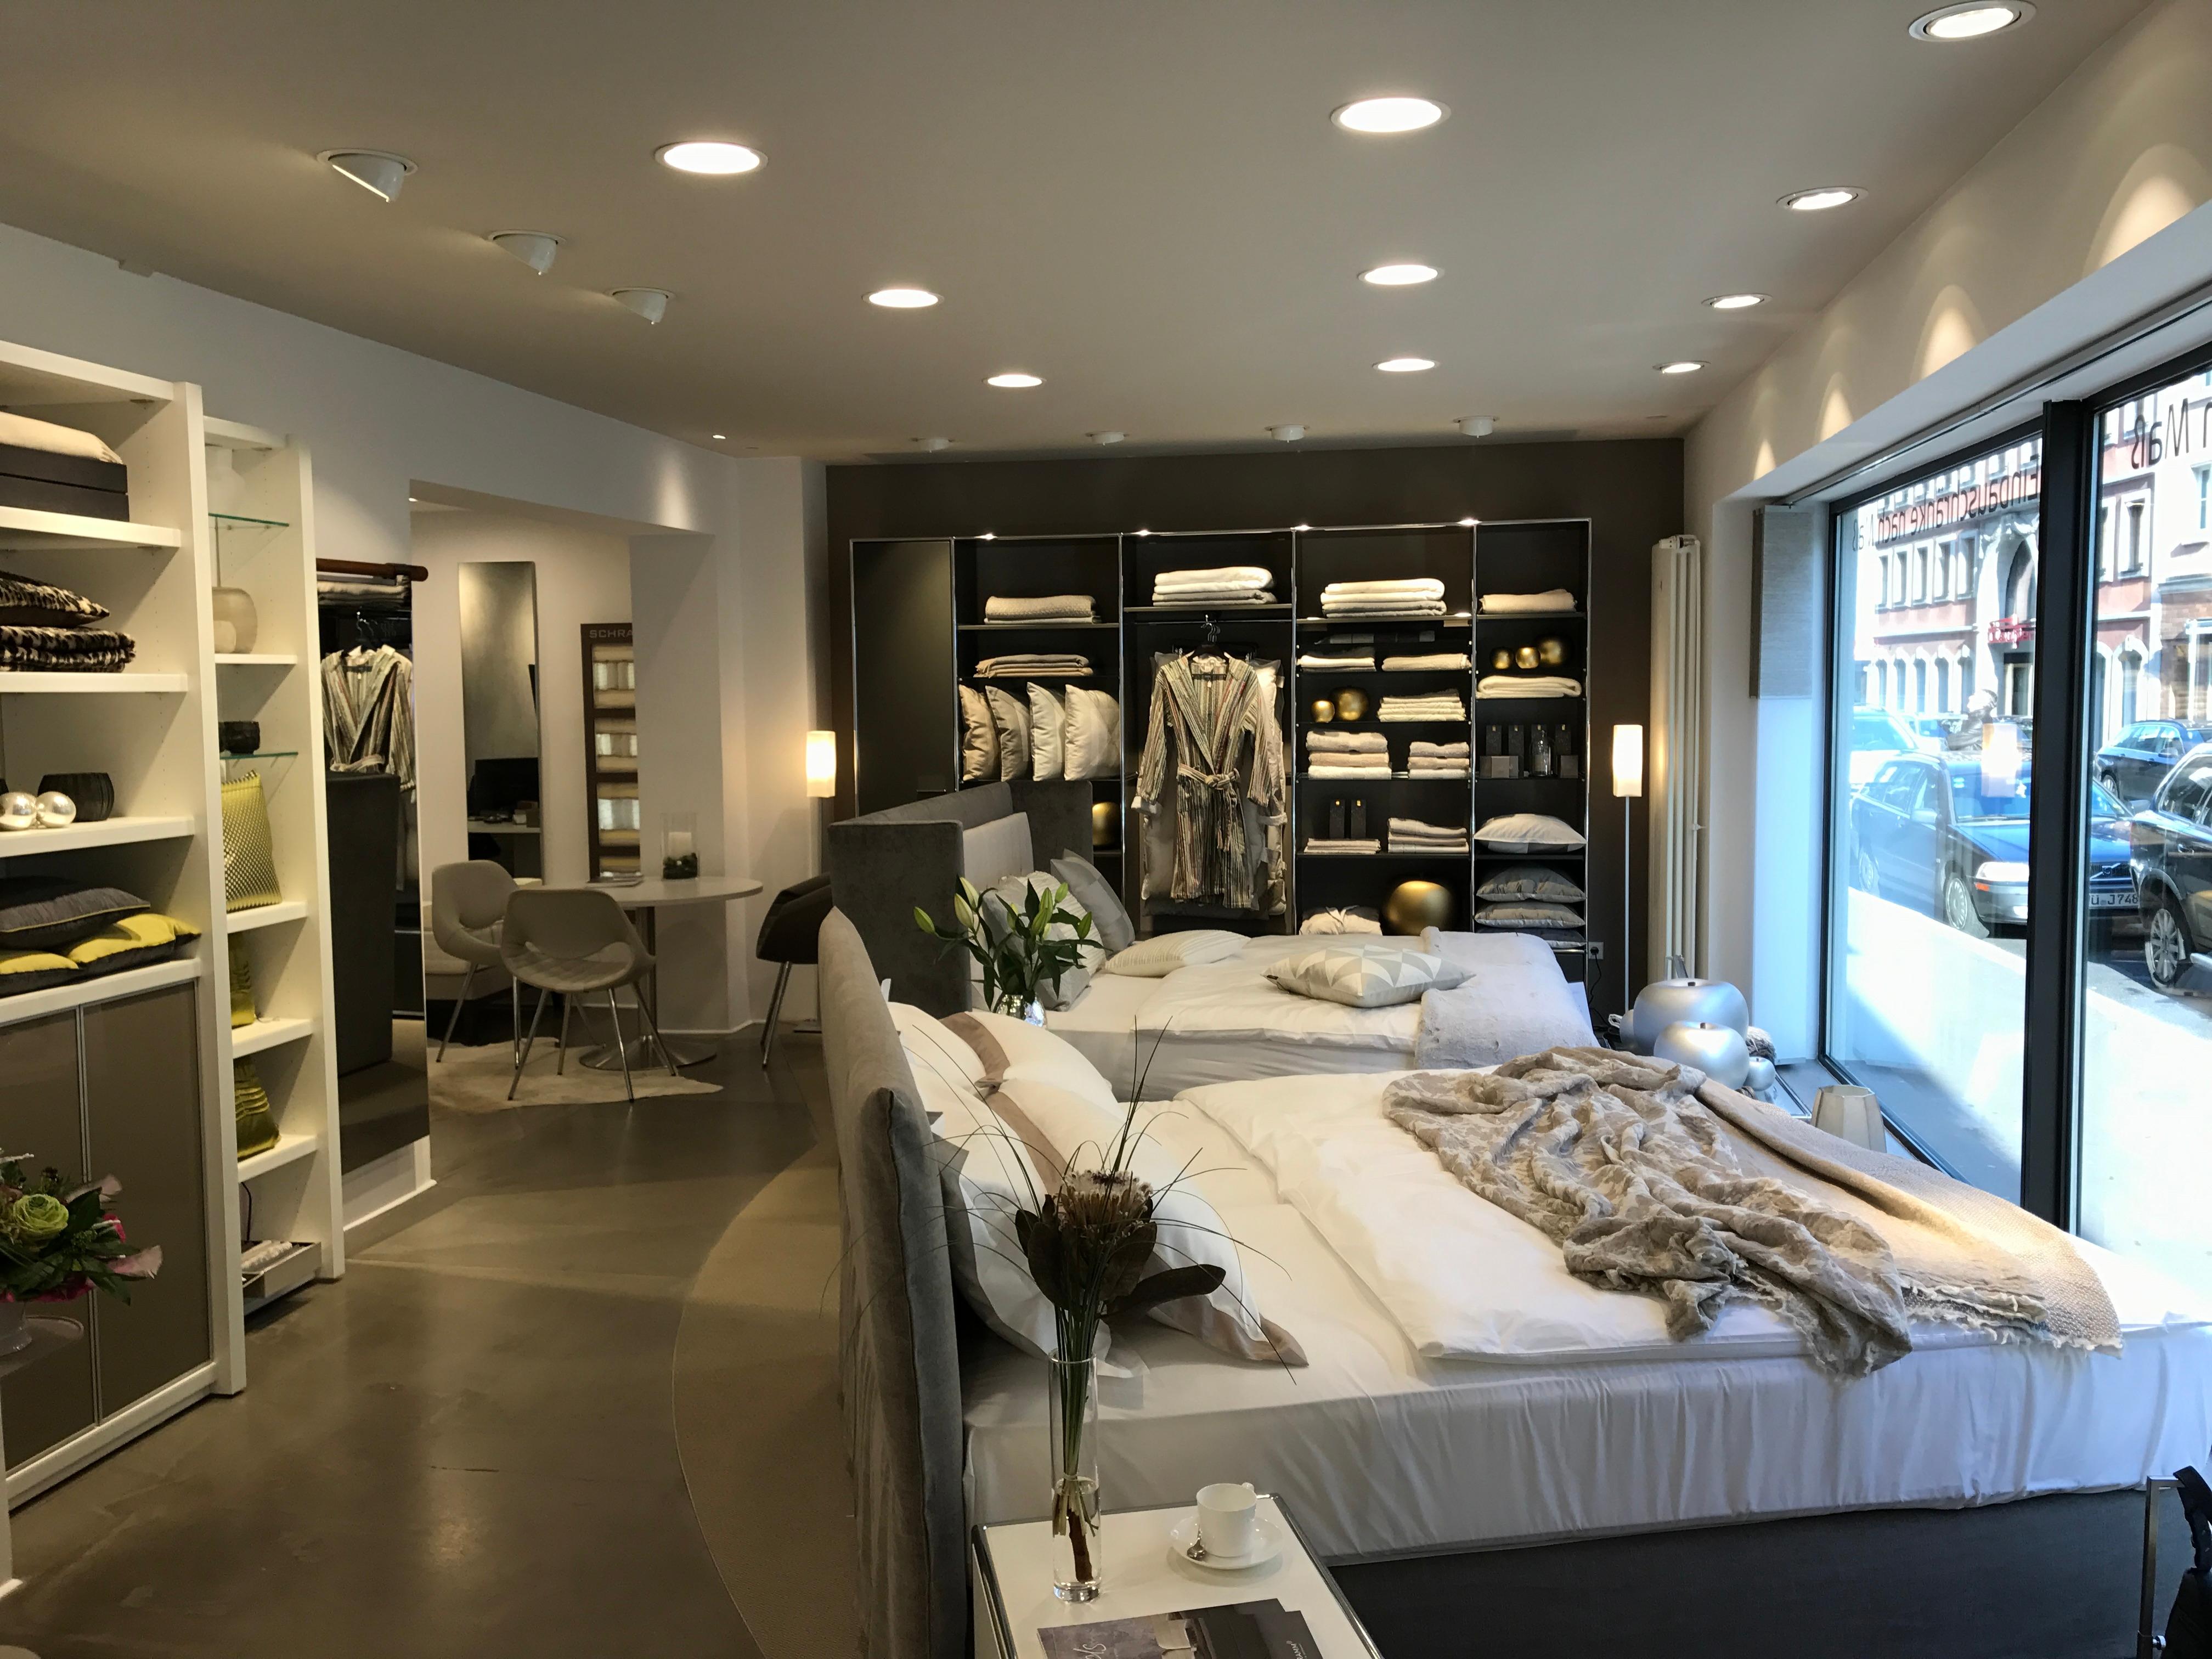 freiraum iris bothe e k einrichtung und mode ffnungszeiten freiraum iris bothe e k. Black Bedroom Furniture Sets. Home Design Ideas